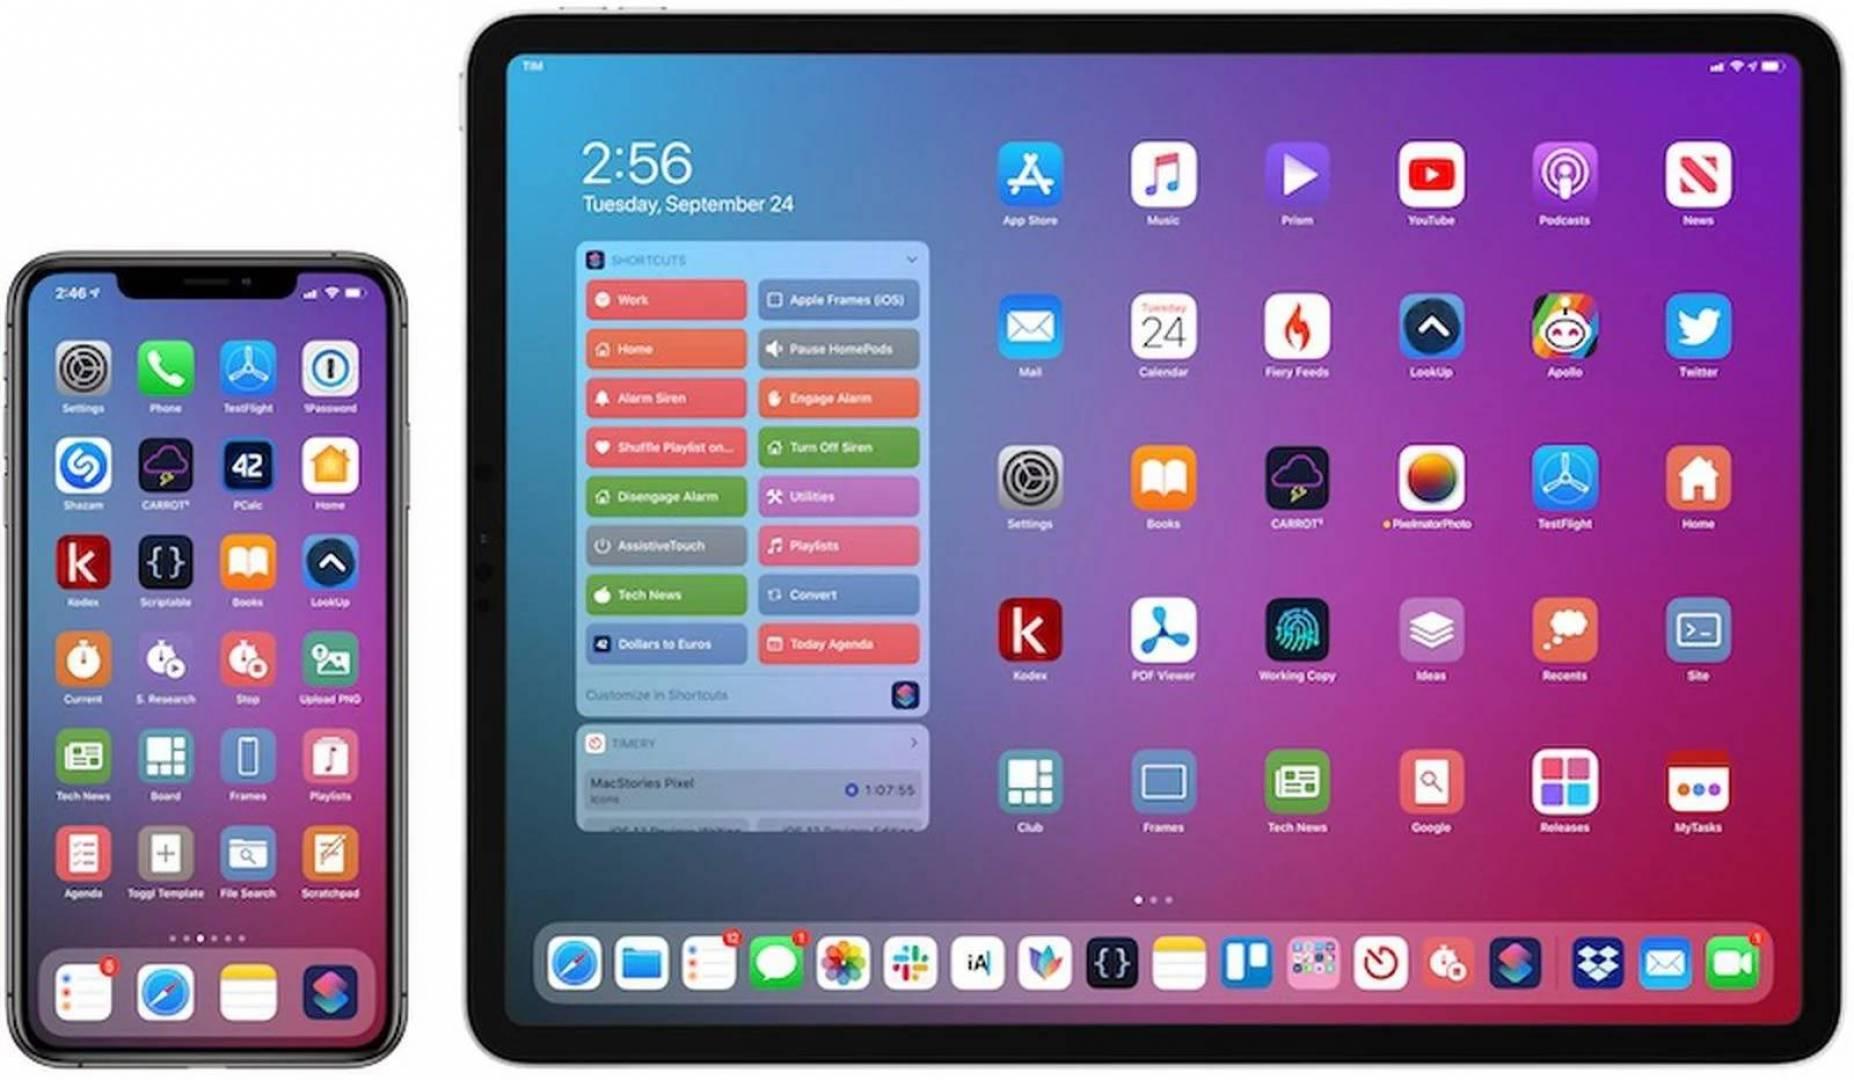 آبل: تعزيز أجهزة آيفون وآيباد بـ 38 تطبيقاً خارجياً للمنافسين